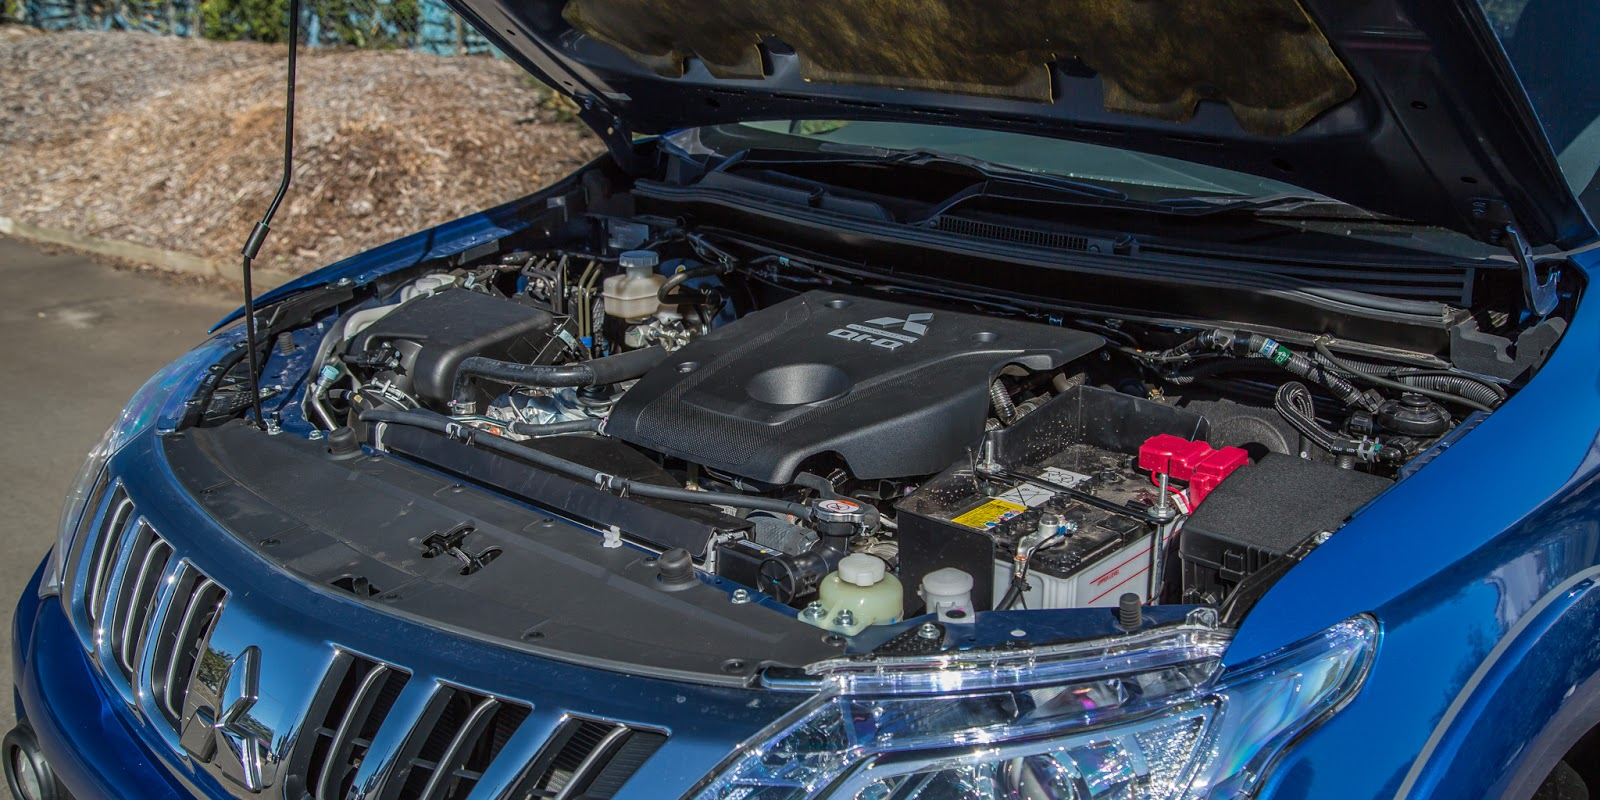 Xe sử dụng động cơ diesel V4 2,4 lít và 2,5 lít giúp tiết kiệm nhiên liệu như sức mạnh vượt trội